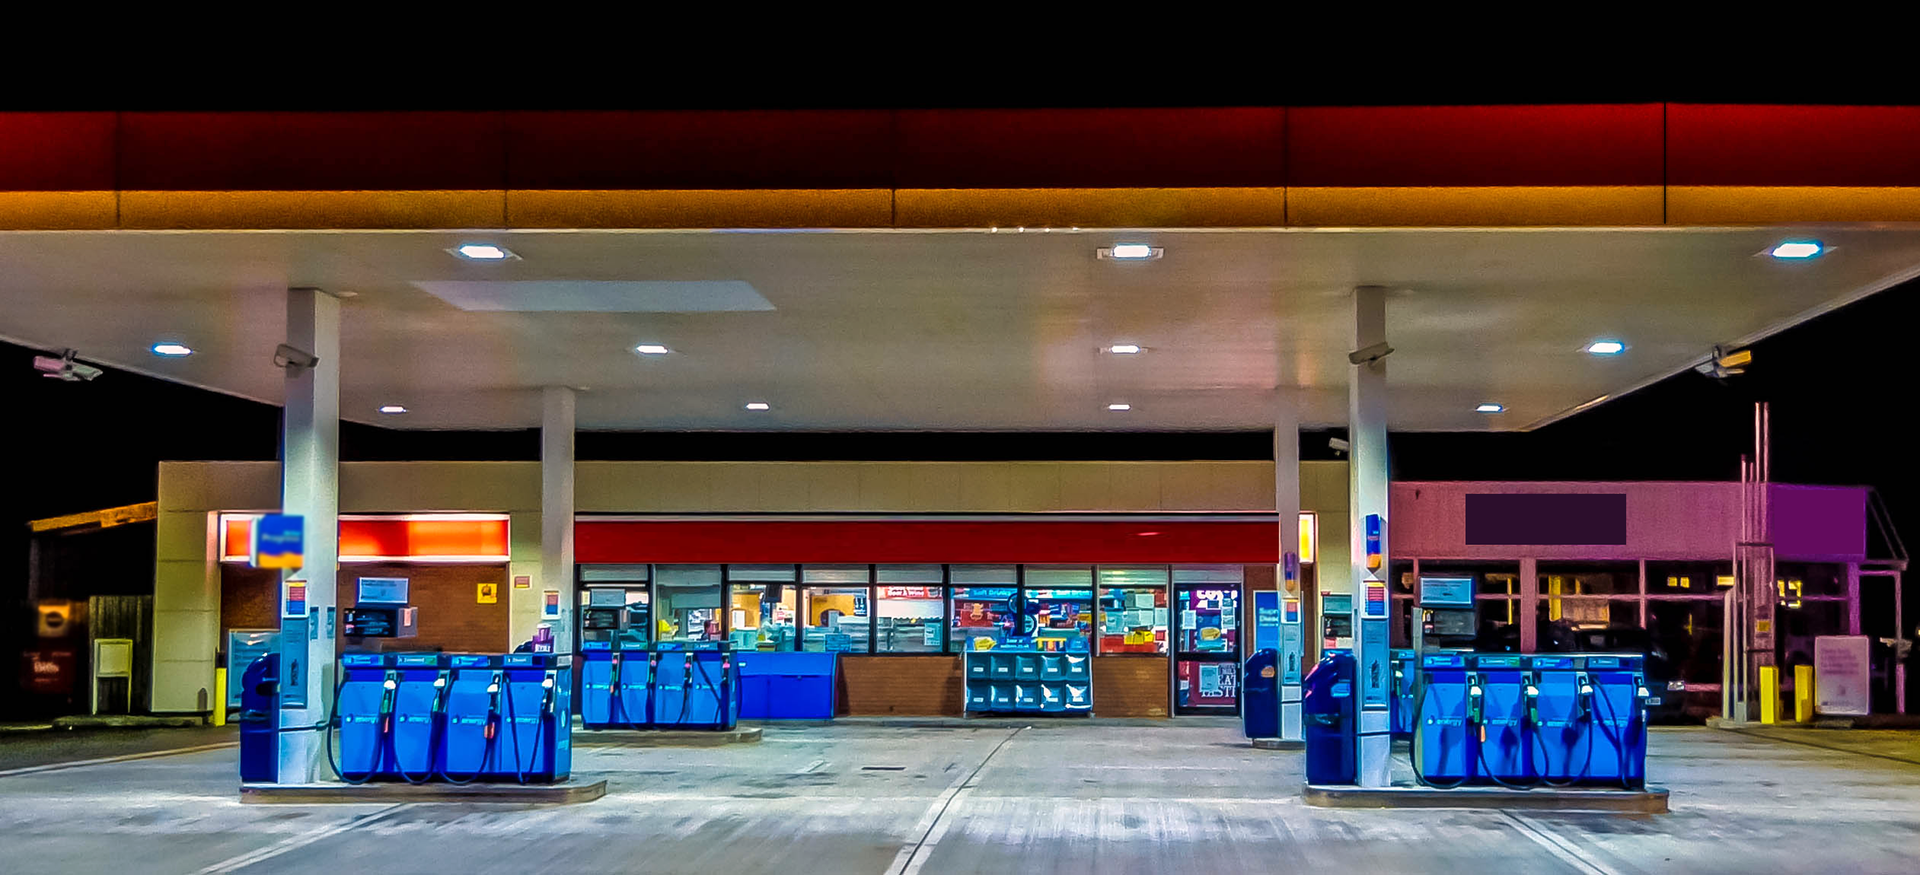 Zdjęcie stacji benzynowej.